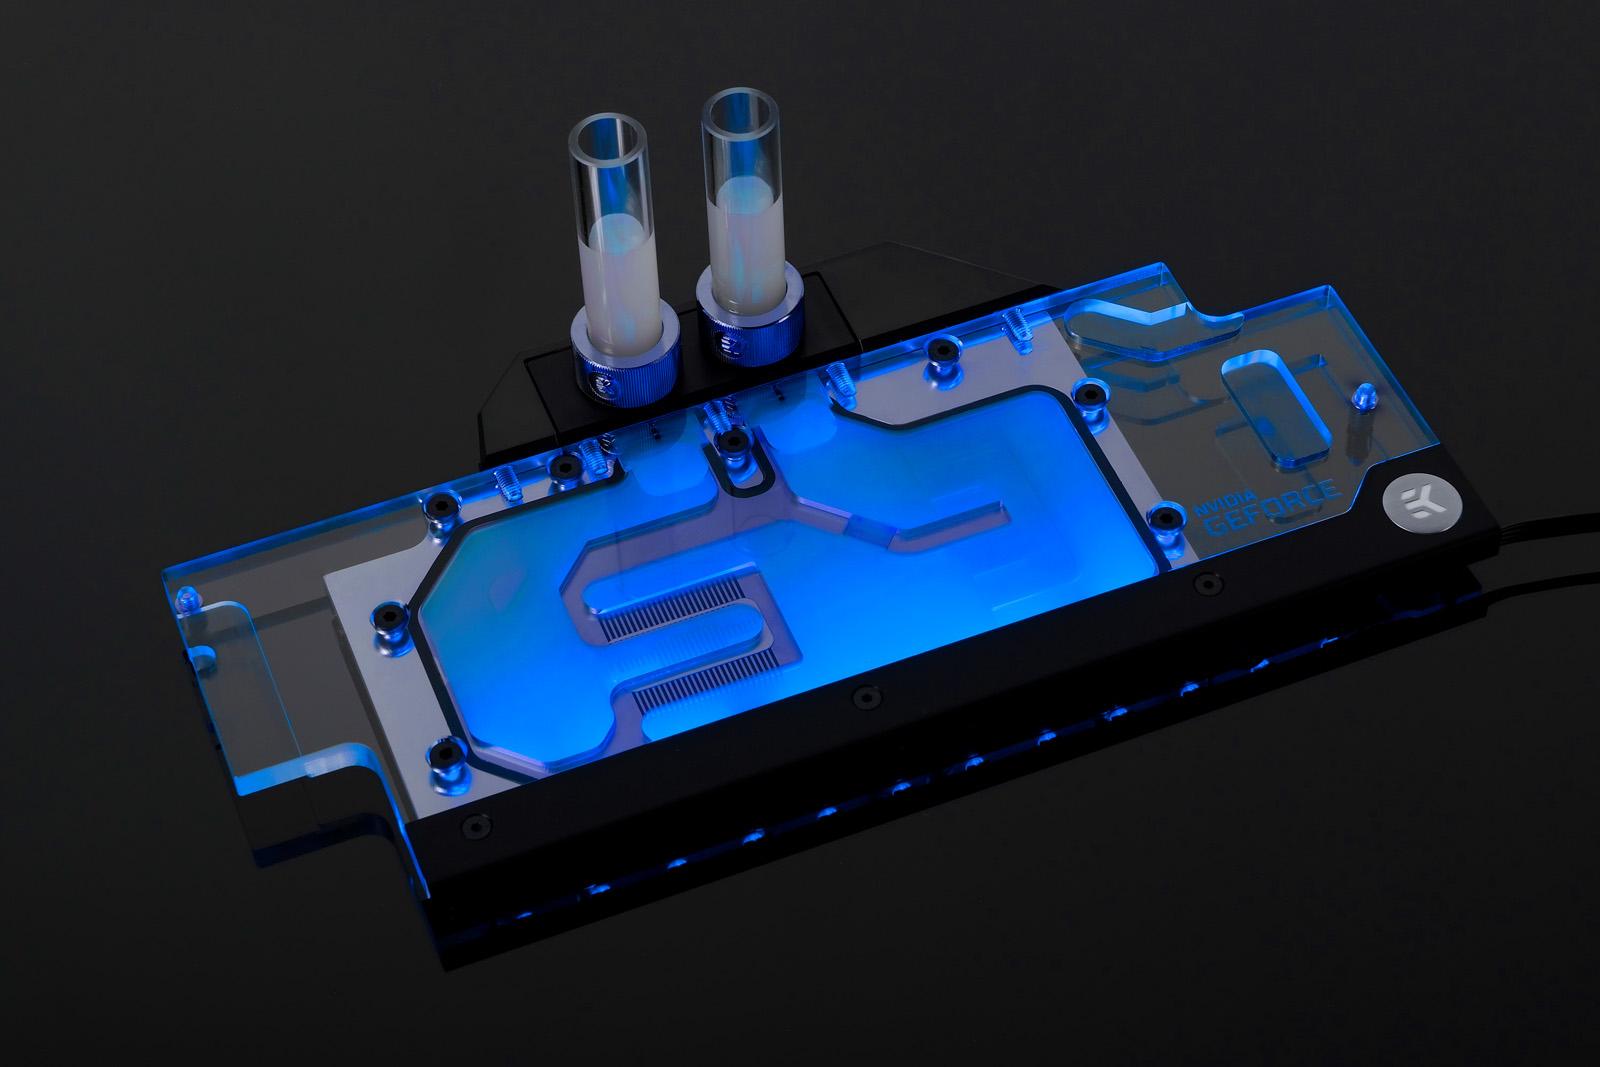 EK® is releasing Full-Cover water blocks for ASUS® GTX 1070 Ti